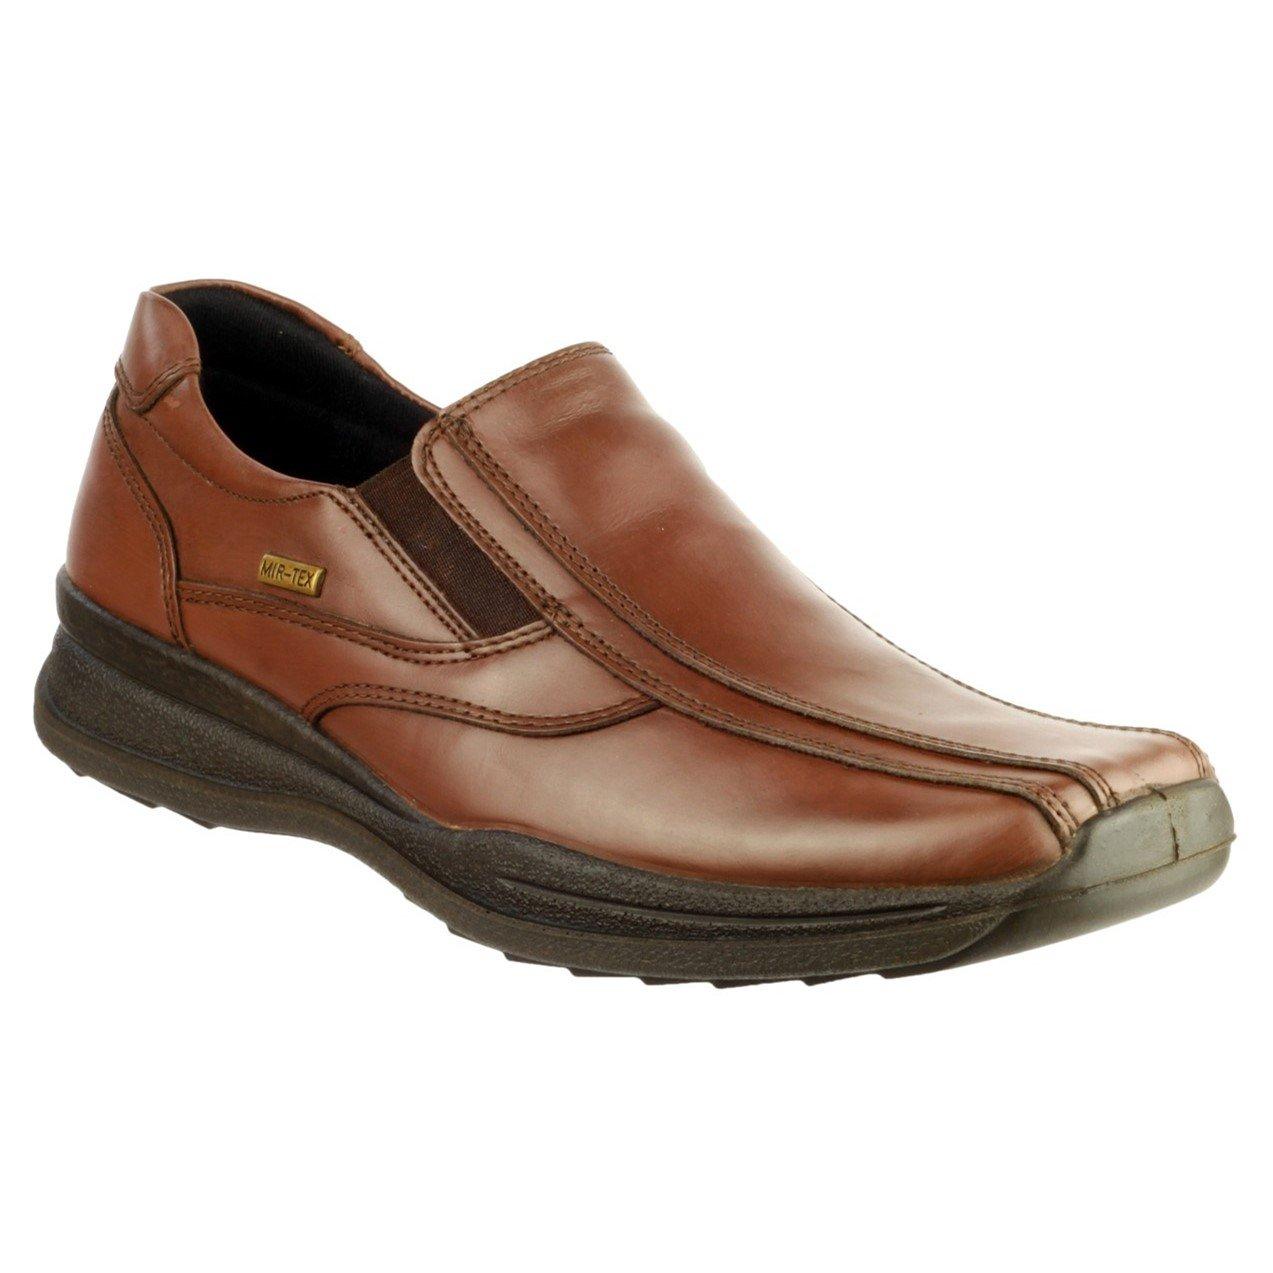 Cotswold Men's Naunton 2 Casual Shoe Various Colours 32969 - Brown 7